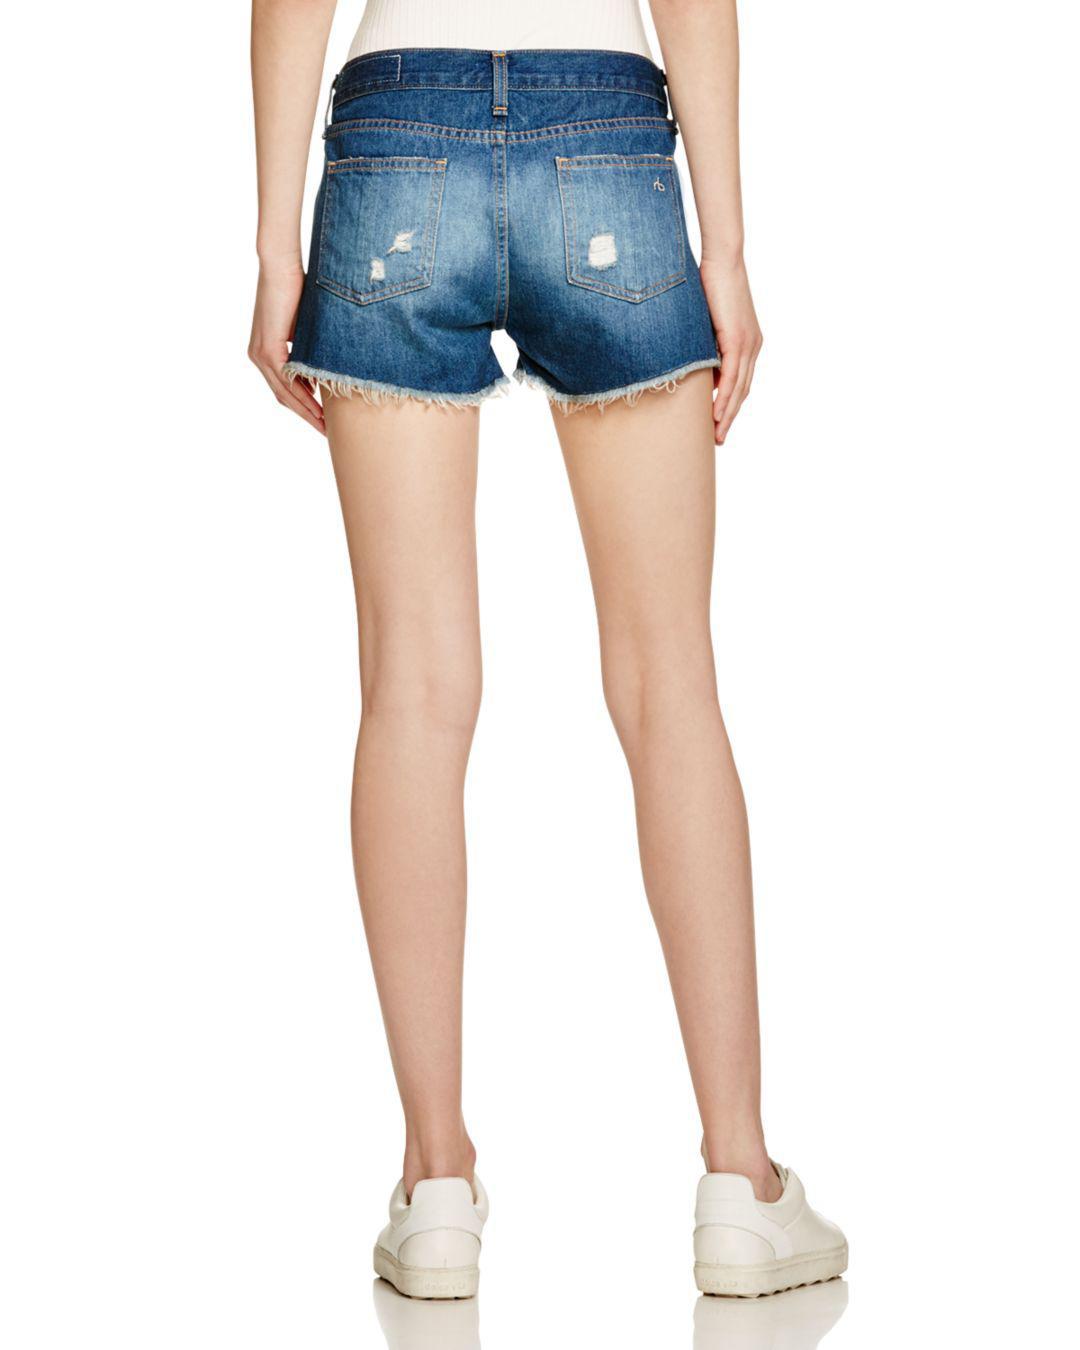 9a2b2bd0423 Lyst - Rag   Bone Cutoff Denim Shorts In Freeport in Blue - Save 65%